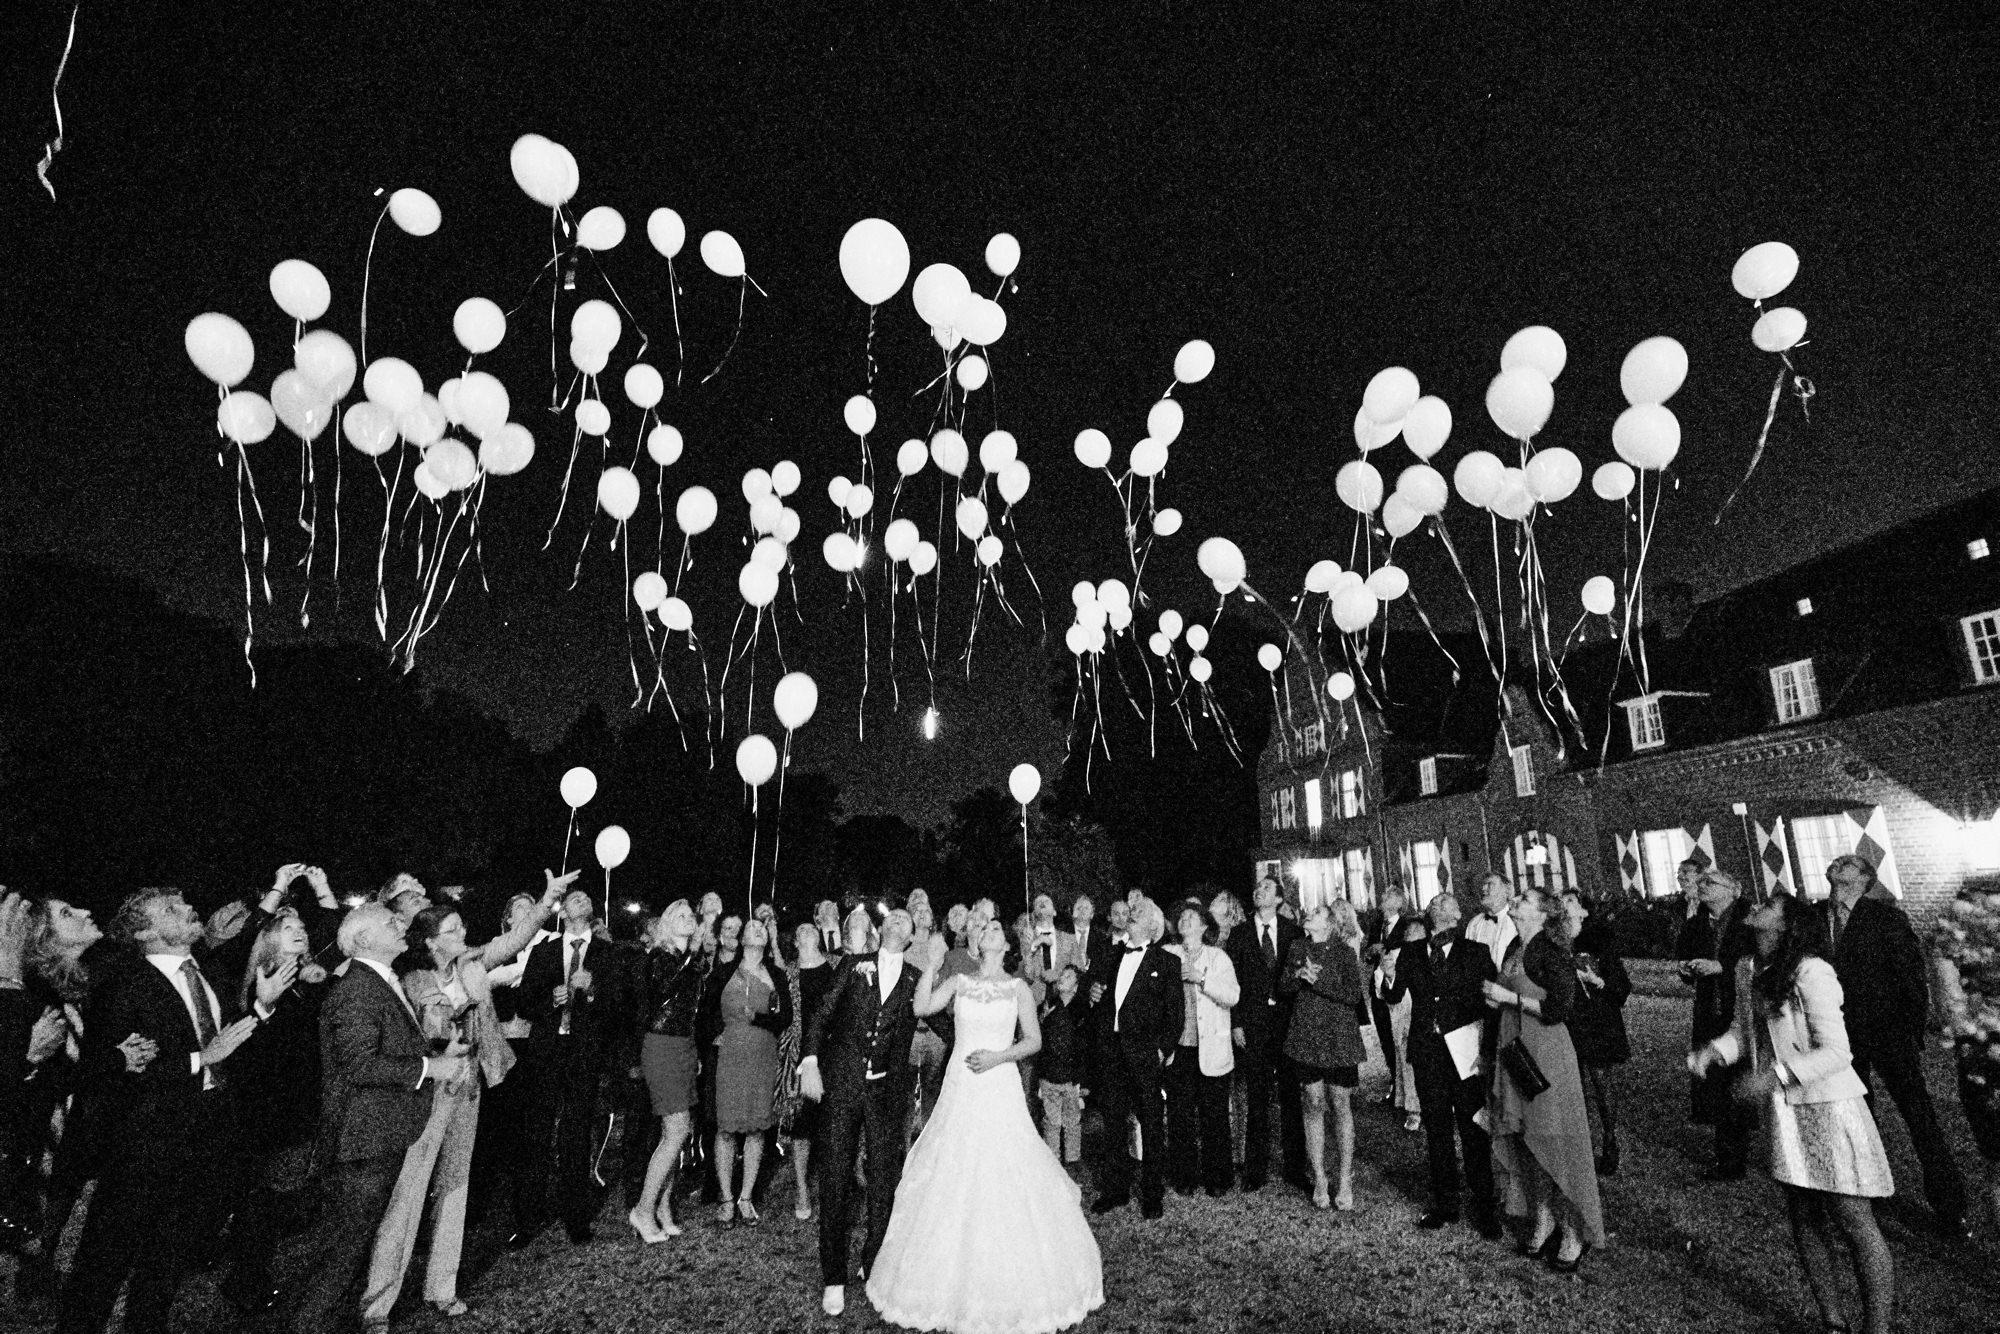 bruidsfotografie-duitsland-schloss Hertefeld-weeze-trouwreportage-296A.jpg